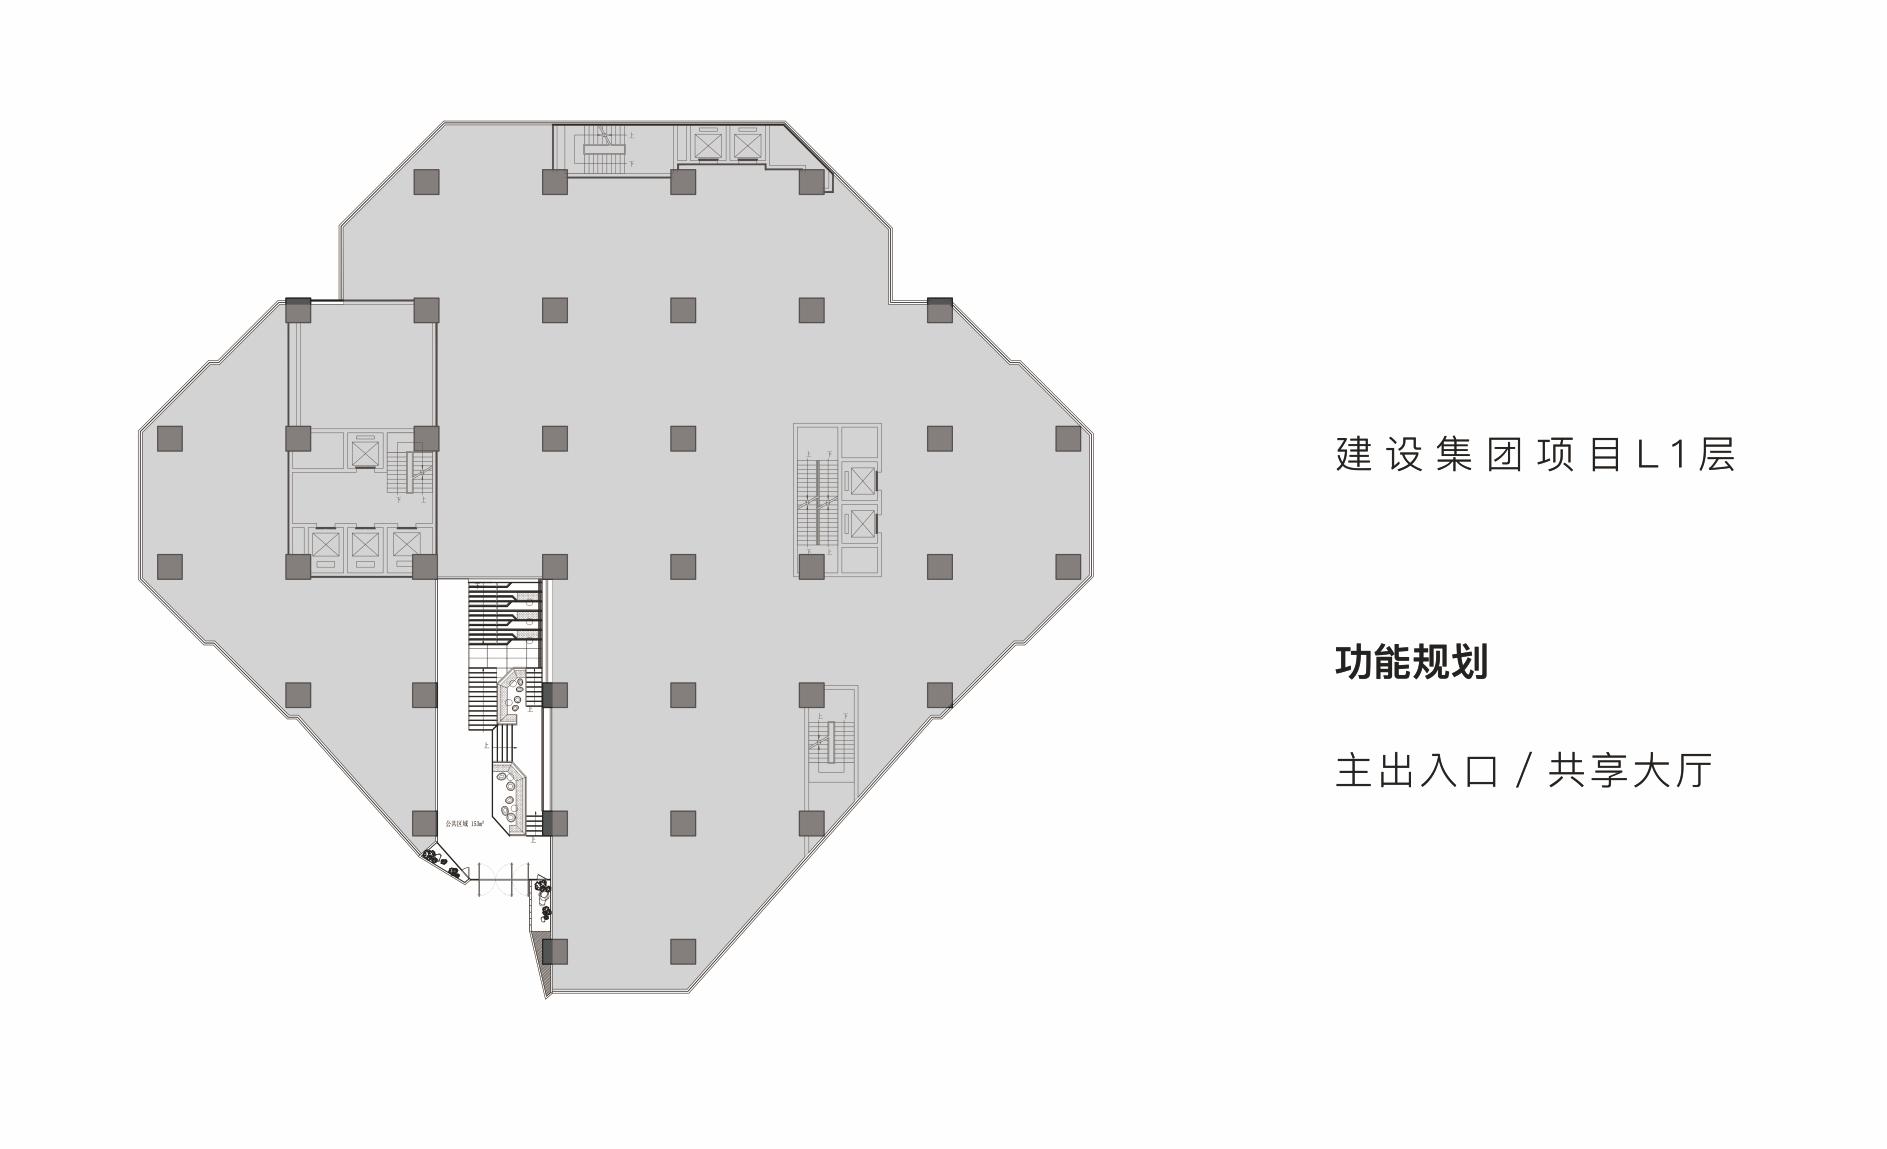 平面布置图001.jpg